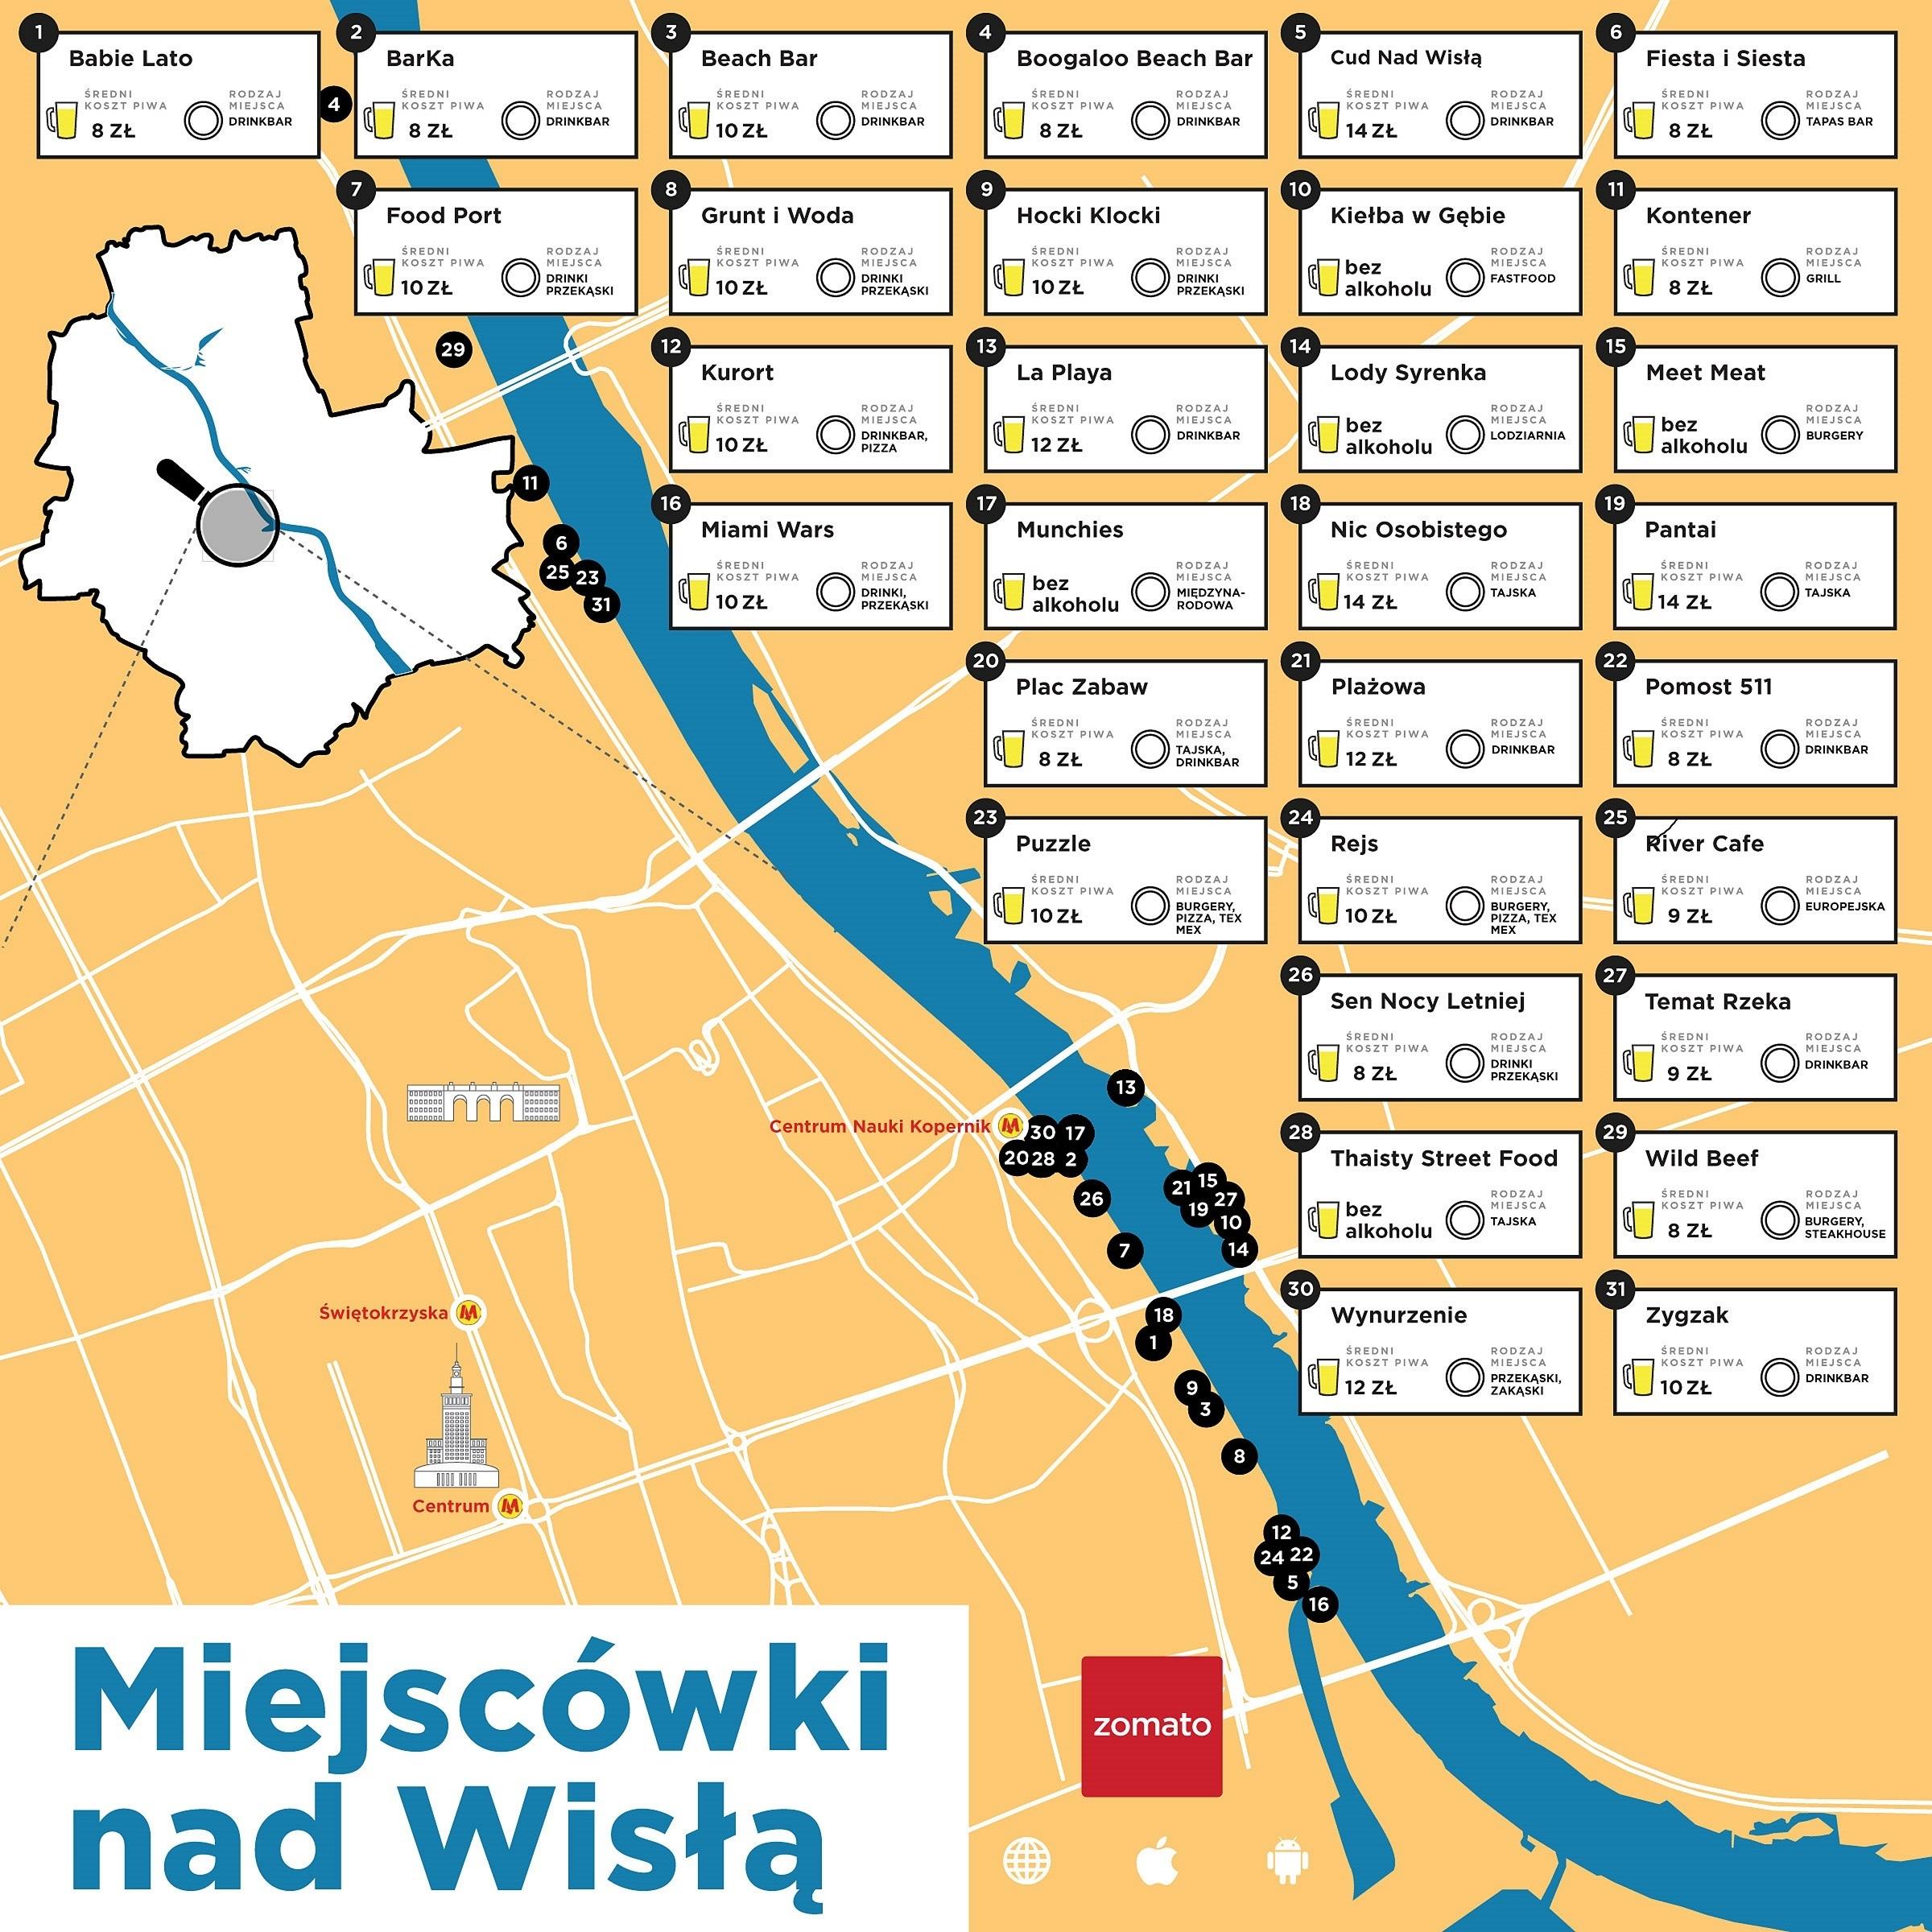 Lista Wszystkich Nadwislanskich Knajp Mapa I Cena Piwa W Kazdej